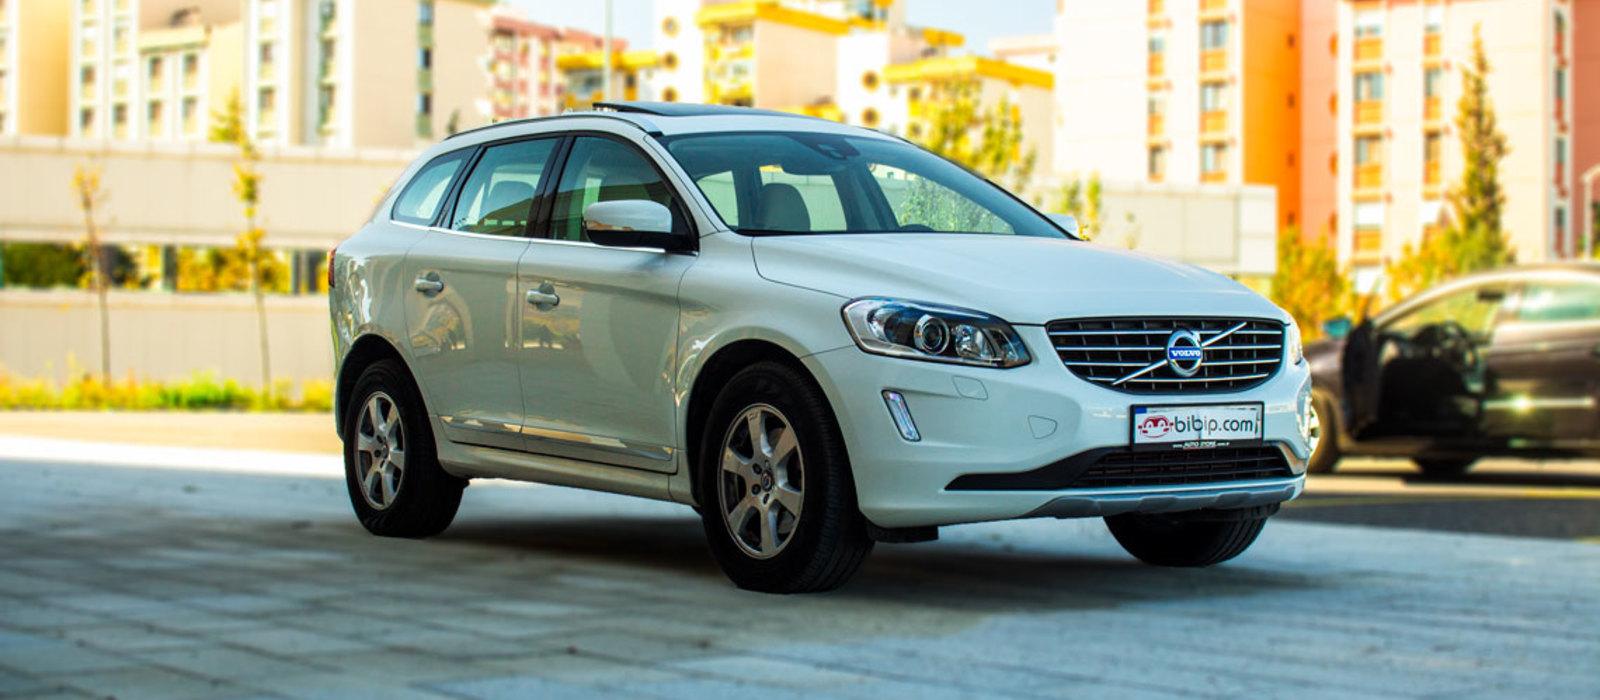 ikinci el araba 2016 Volvo XC 60 2.0 D4 Advance Dizel Otomatik 31240 KM 6